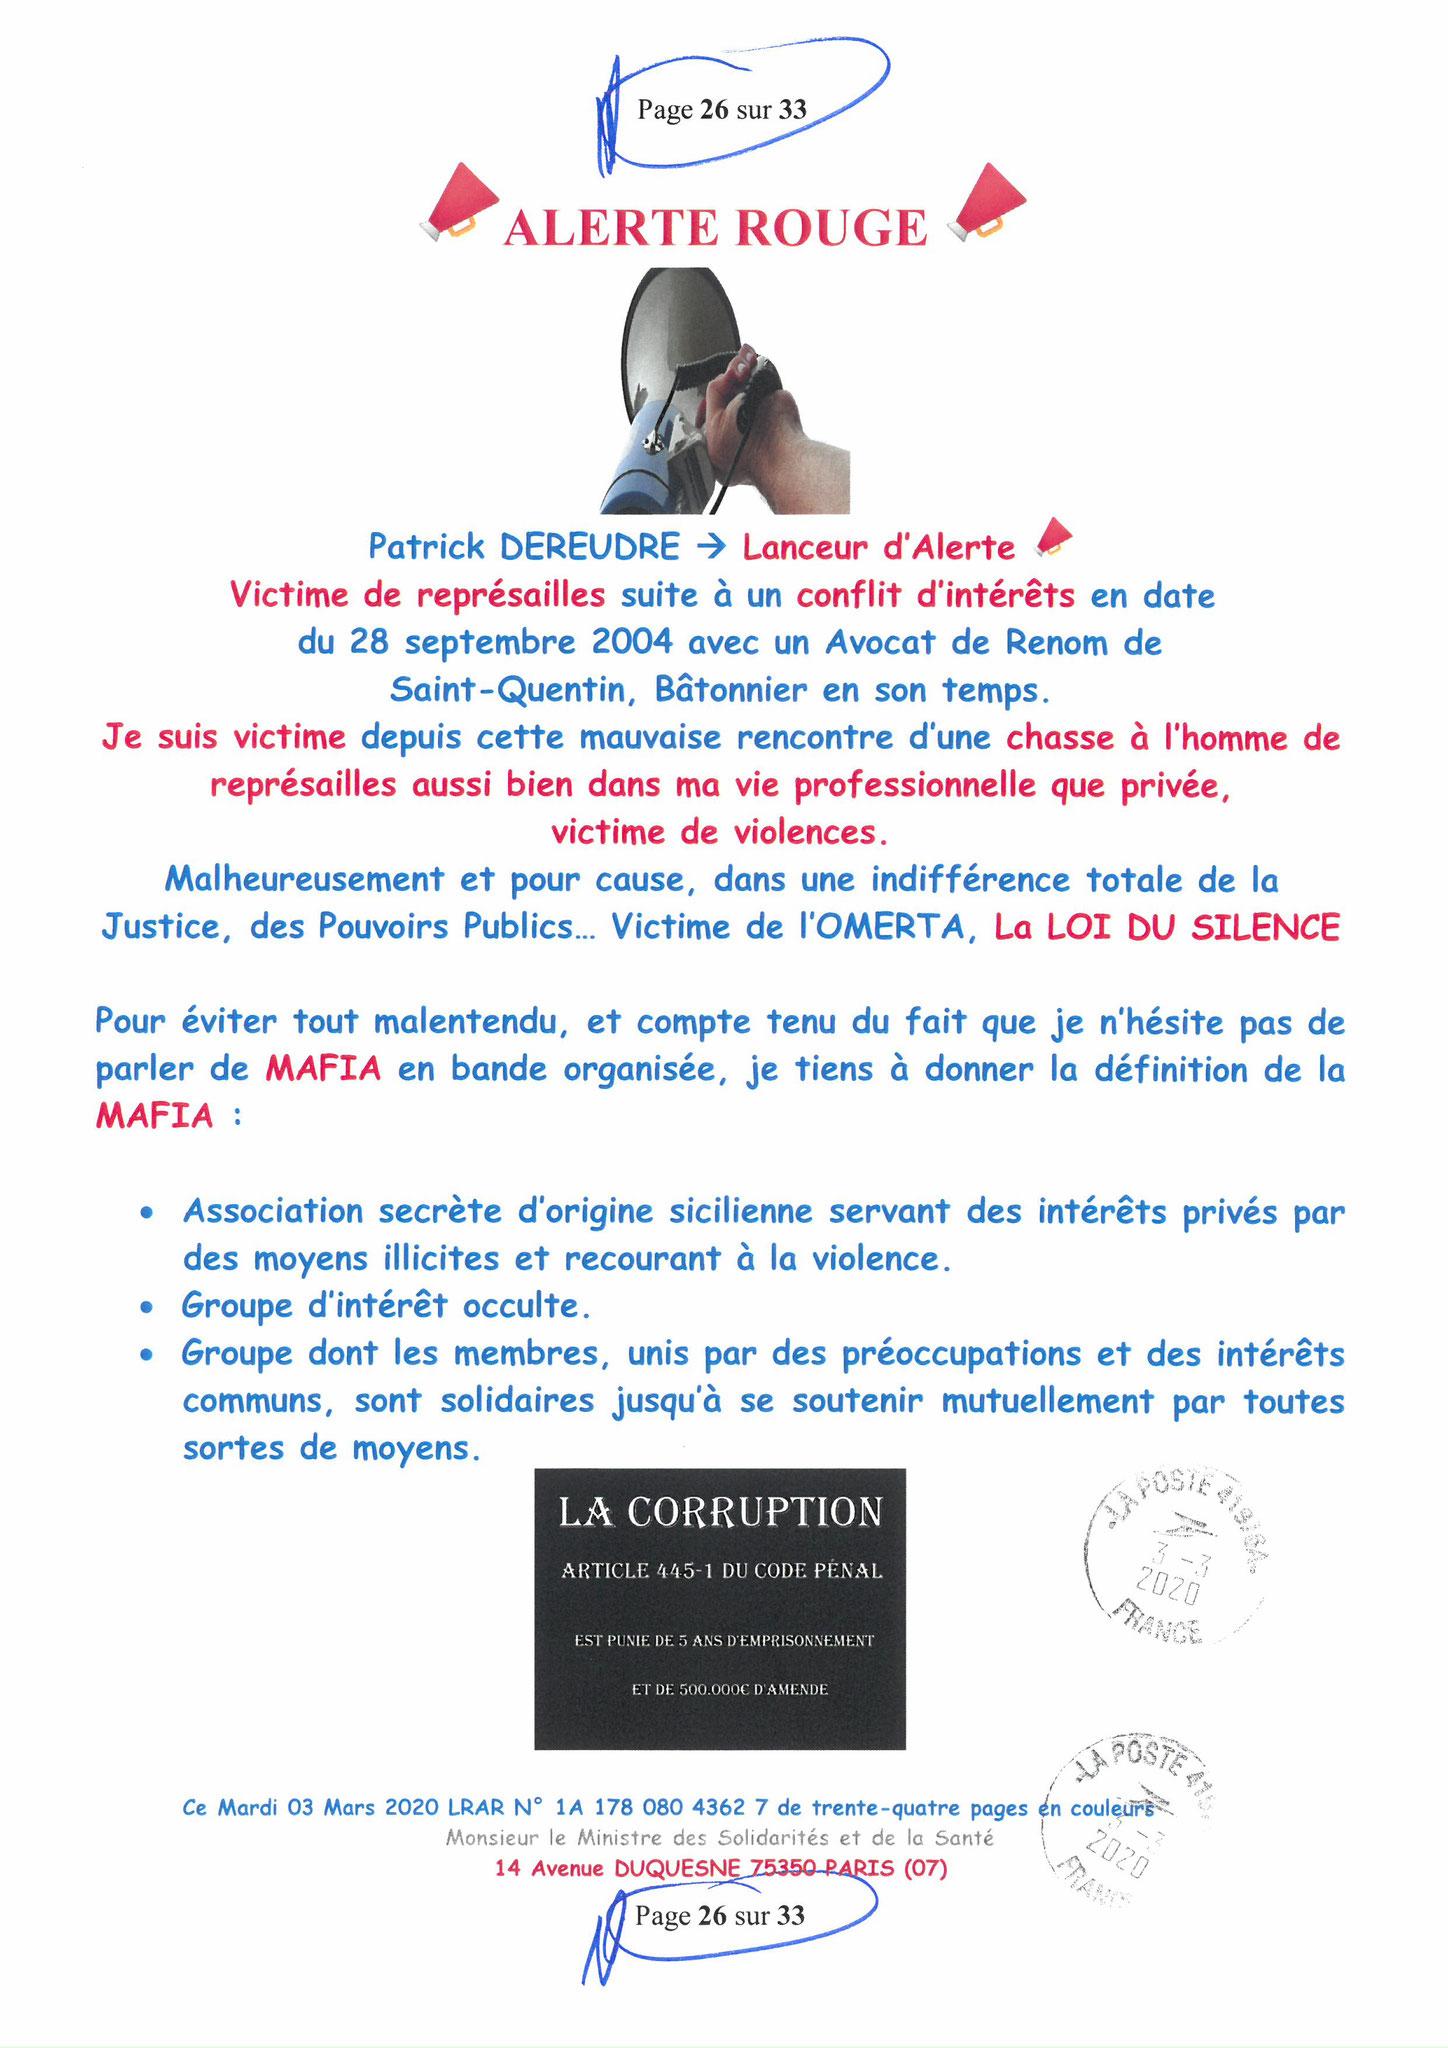 Page 26 sur 33 Ma lettre recommandée N0 1A 178 080 4362 7 du 03 Mars 2020 à Monsieur Olivier VERAN le Ministre de la Santé et des Solidarités www.jesuispatrick.fr